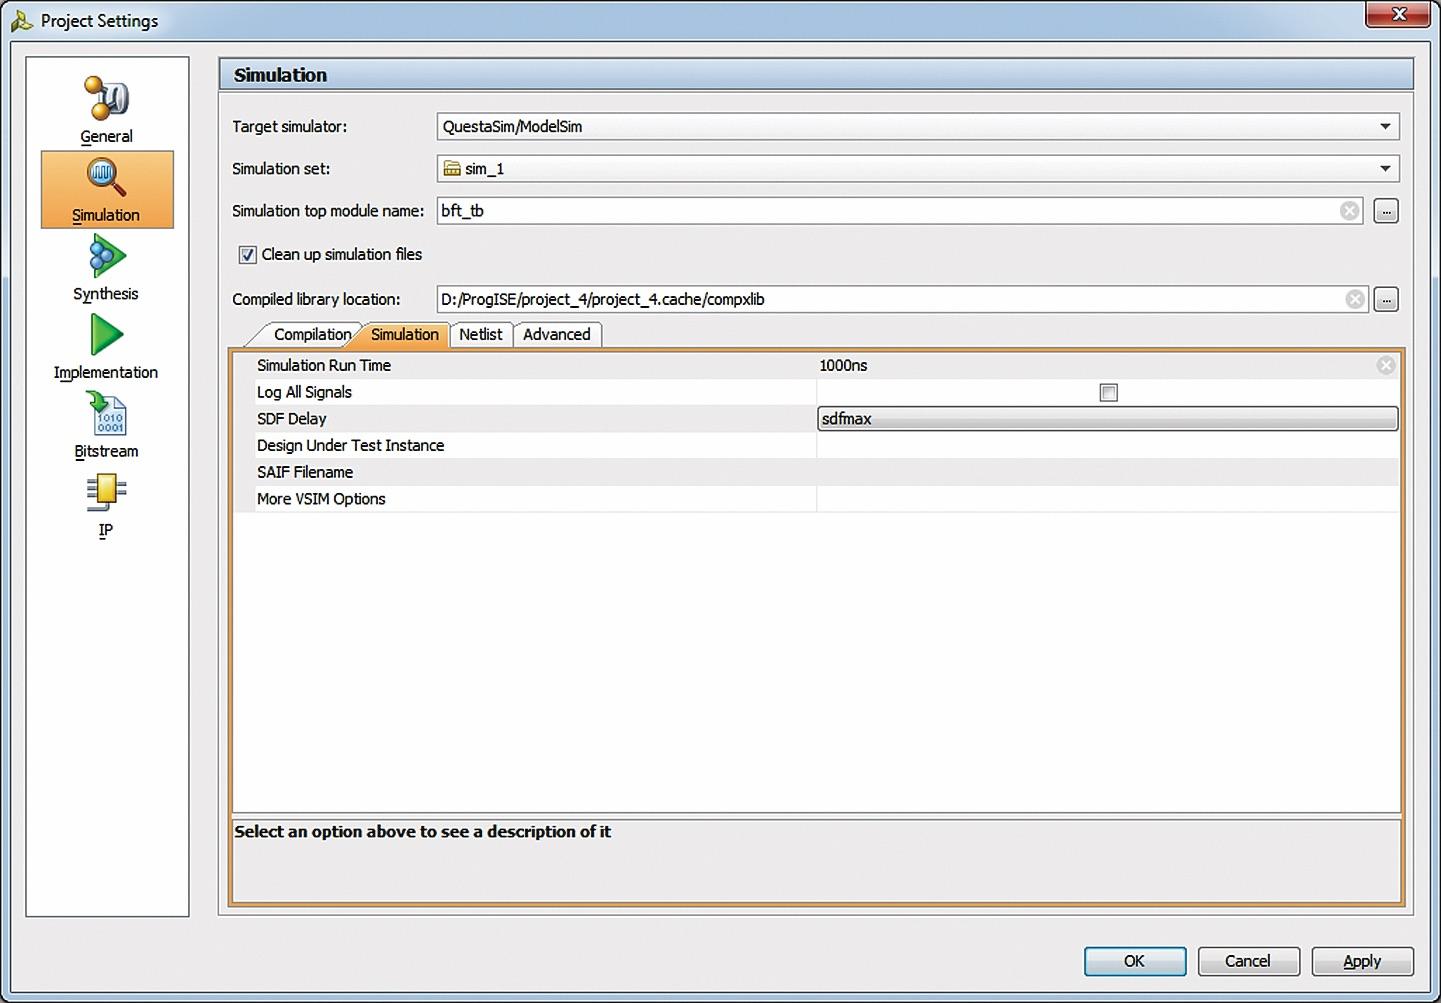 Вкладка Simulation диалоговой панели параметров моделирования при использовании системыModelSim/QuestaSim